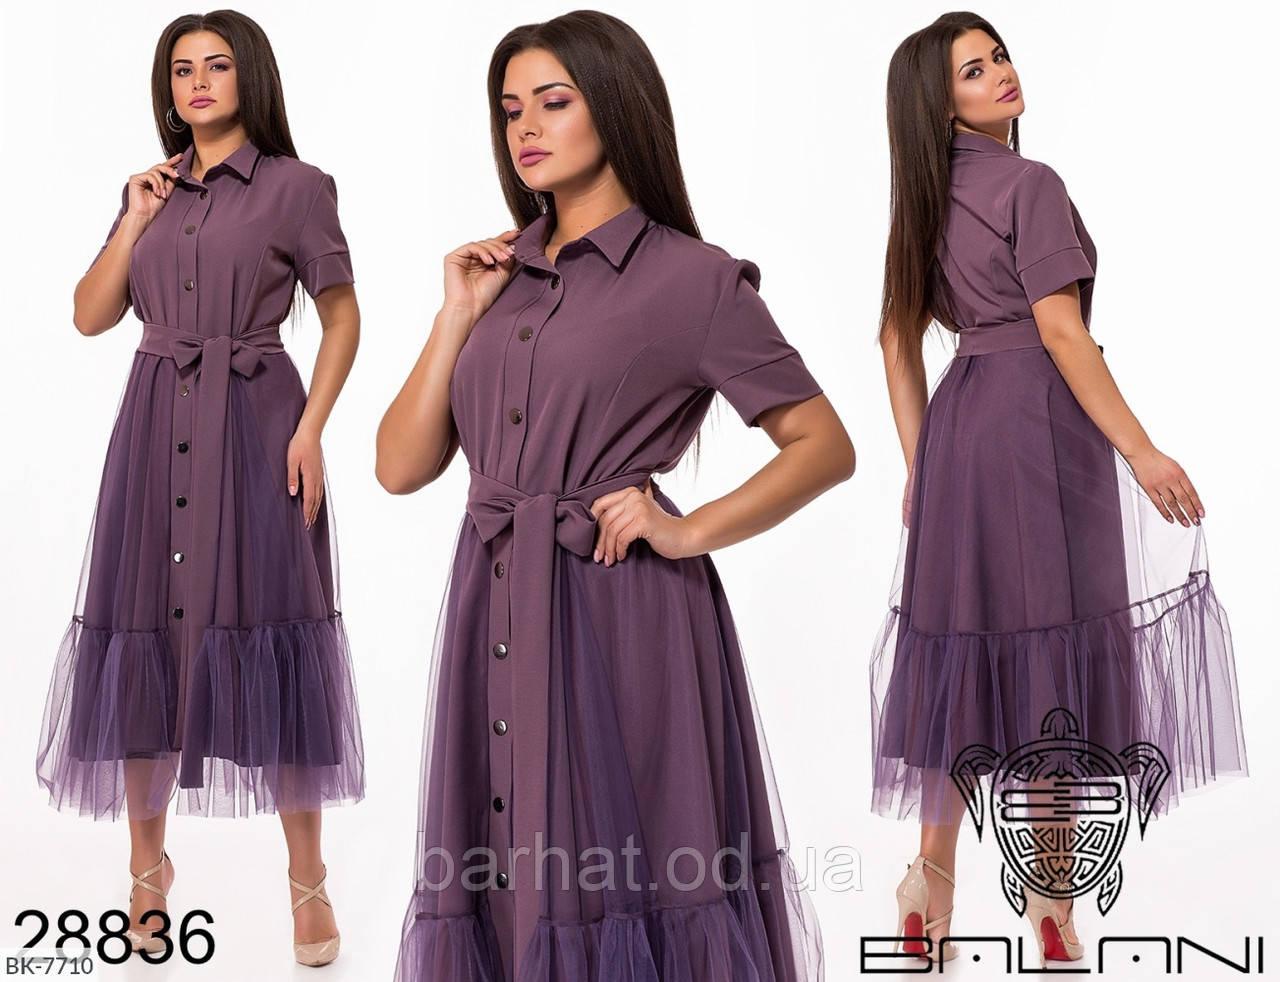 Платье для пышных форм 50-52, 54-56, 58-60 р-р.